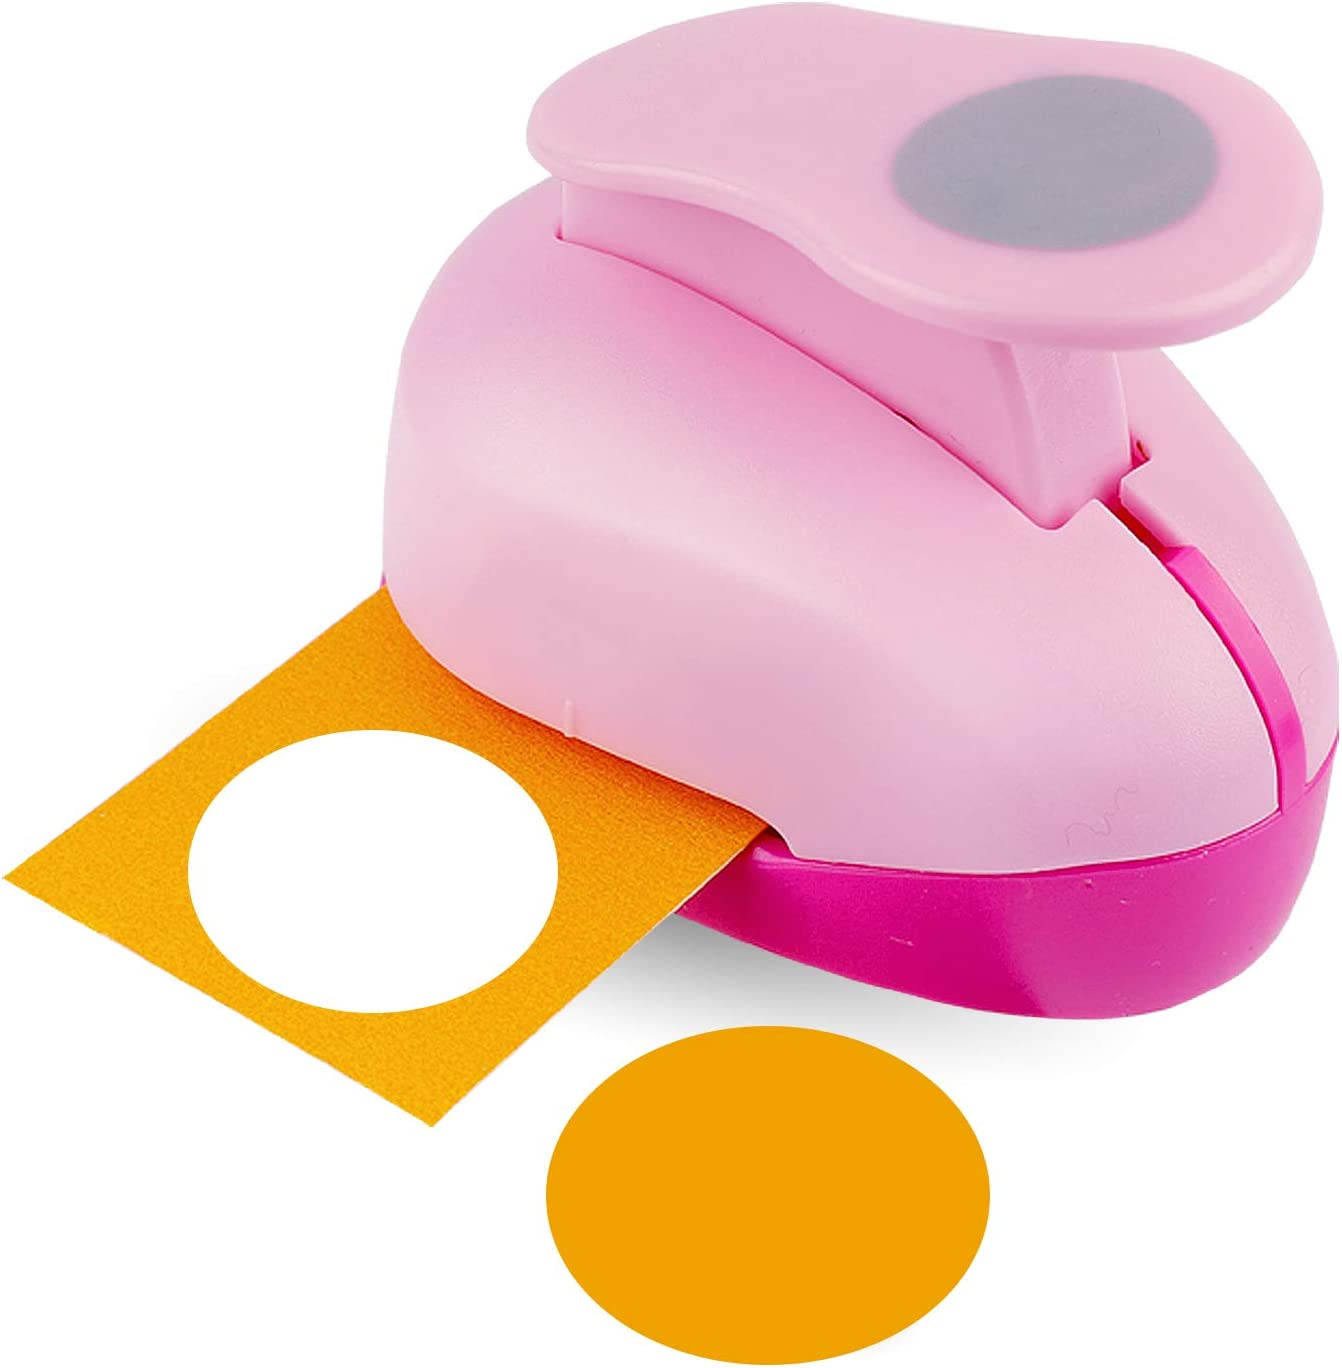 Perforadora circular de 5.1cm para bricolaje, fotos (rosa)